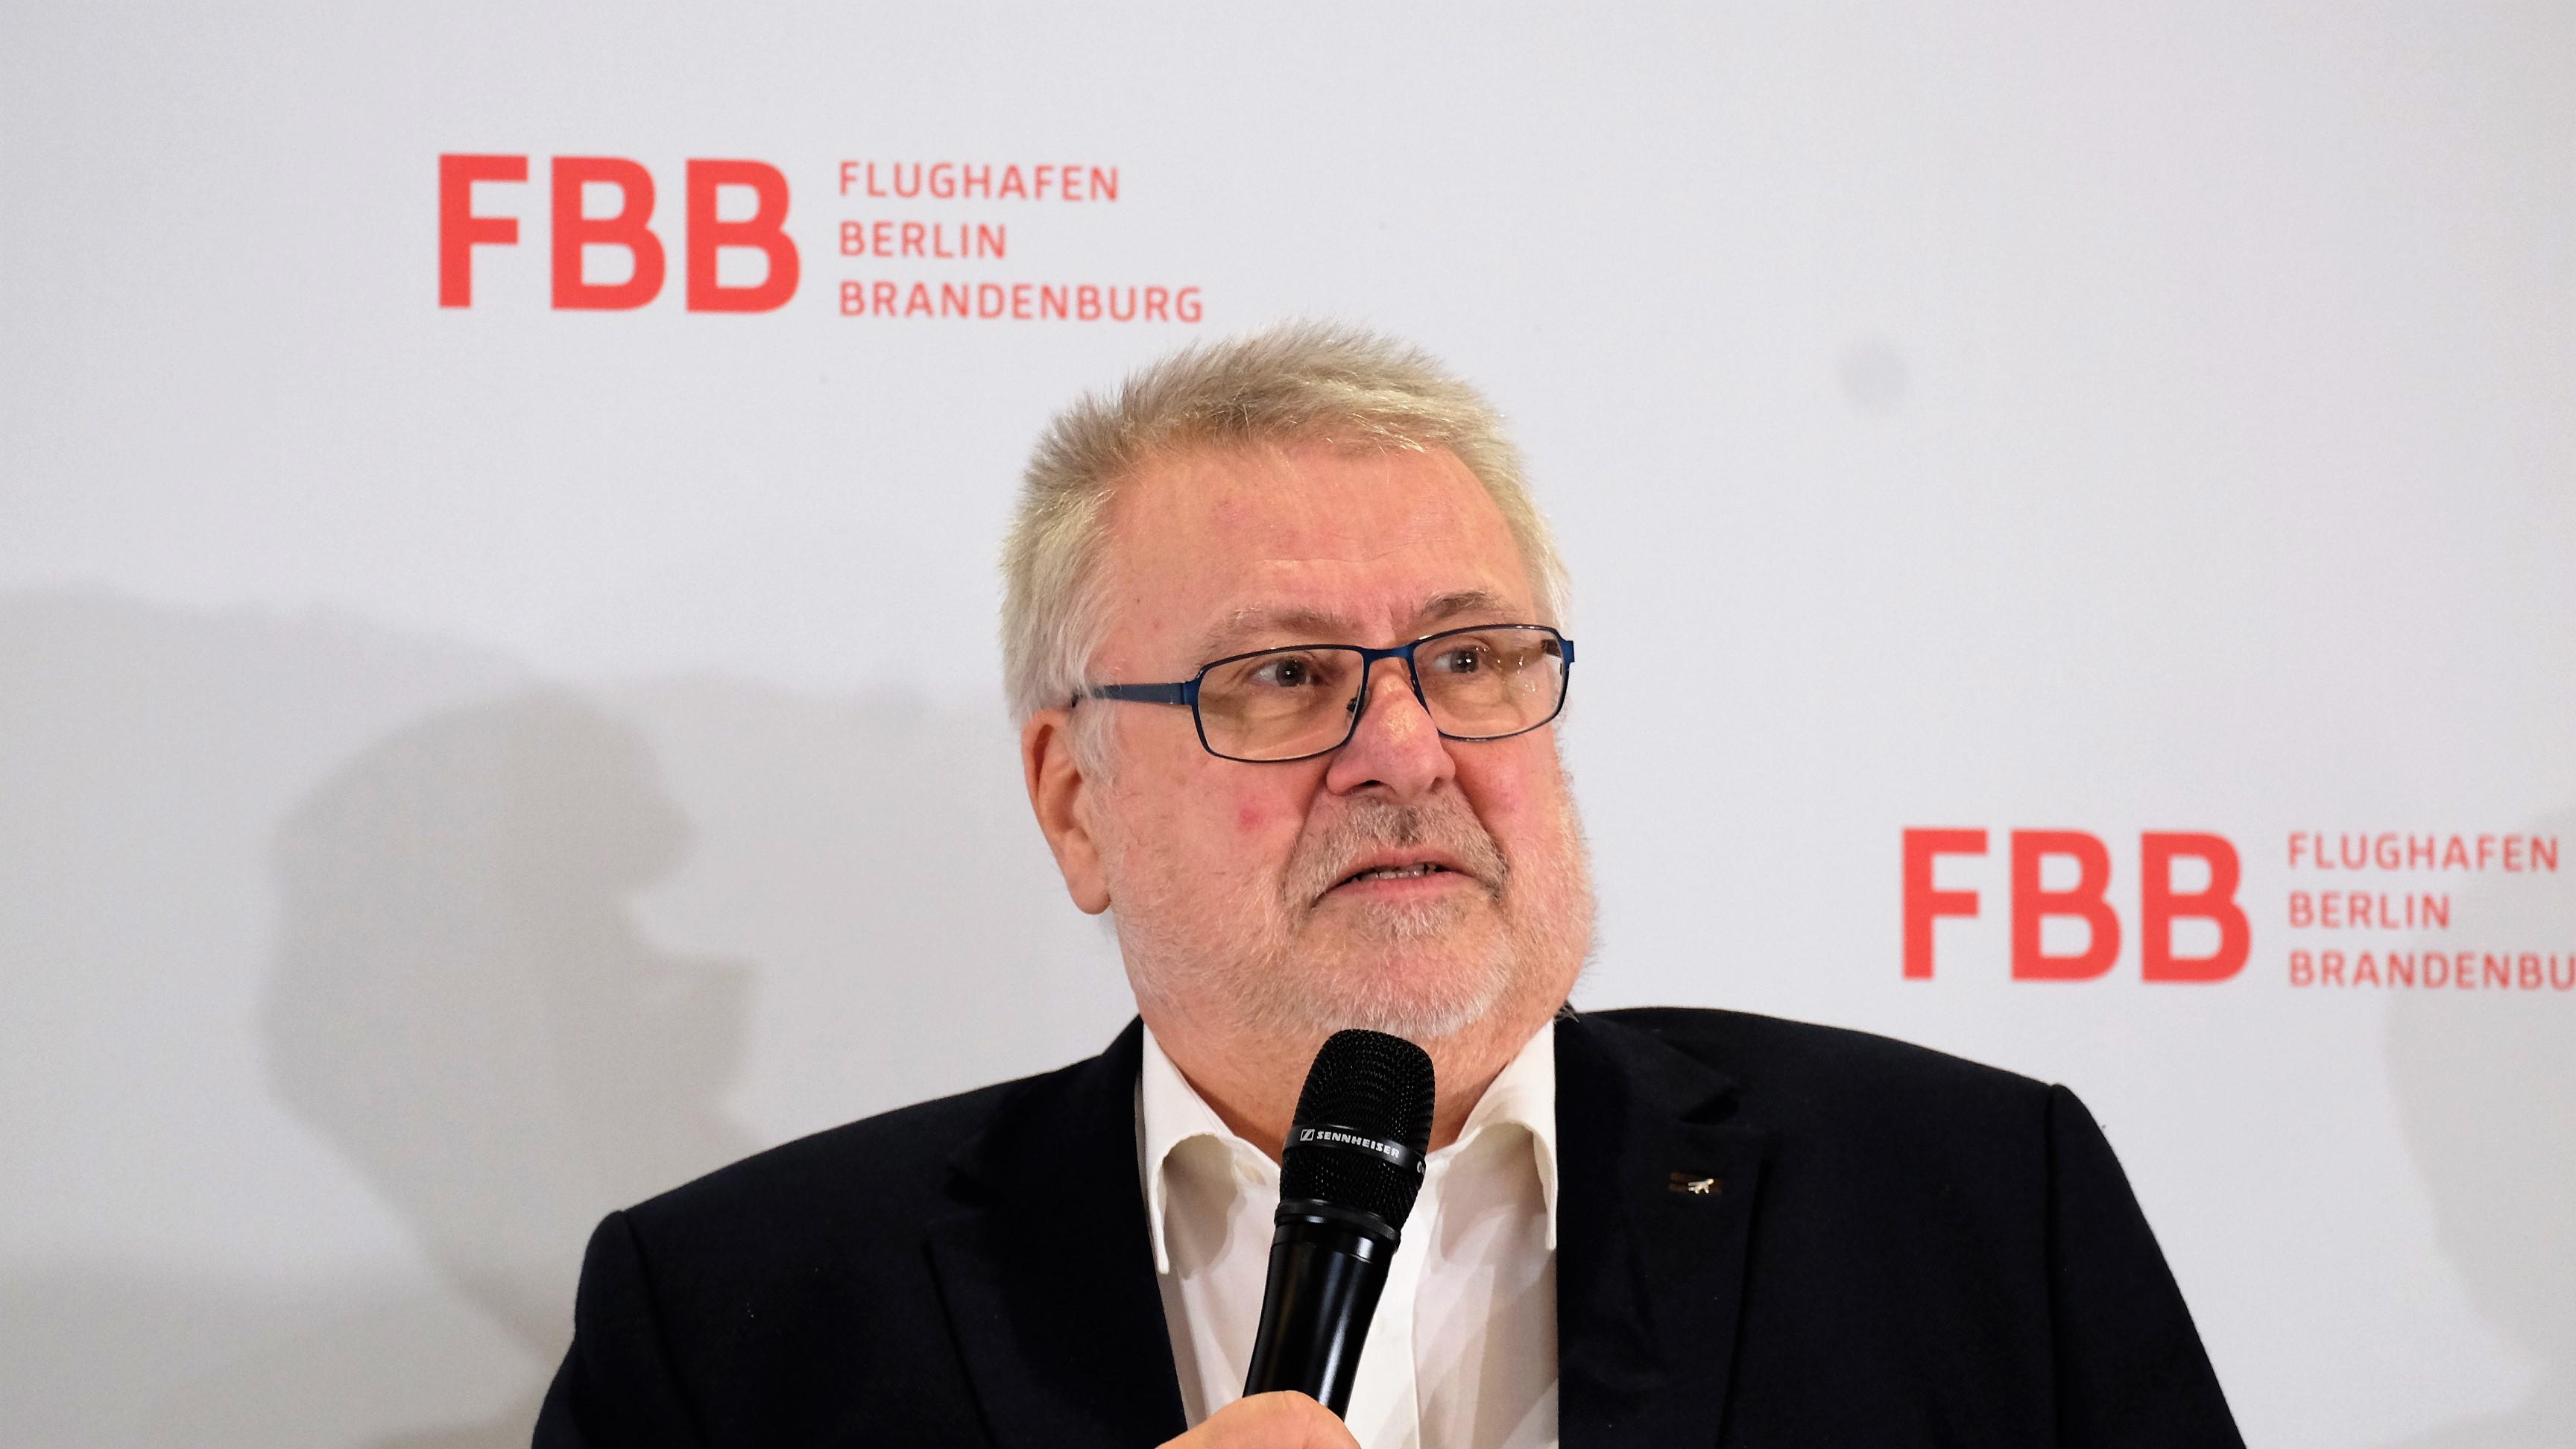 BER,Berlin,Lütke Daldrup, Flughafen Berlin Brandenburg ,Brandenburg,News,Nachrichten,Aktuelles,Bosch,Wirtschaftsplan ,Rainer Bretschneider